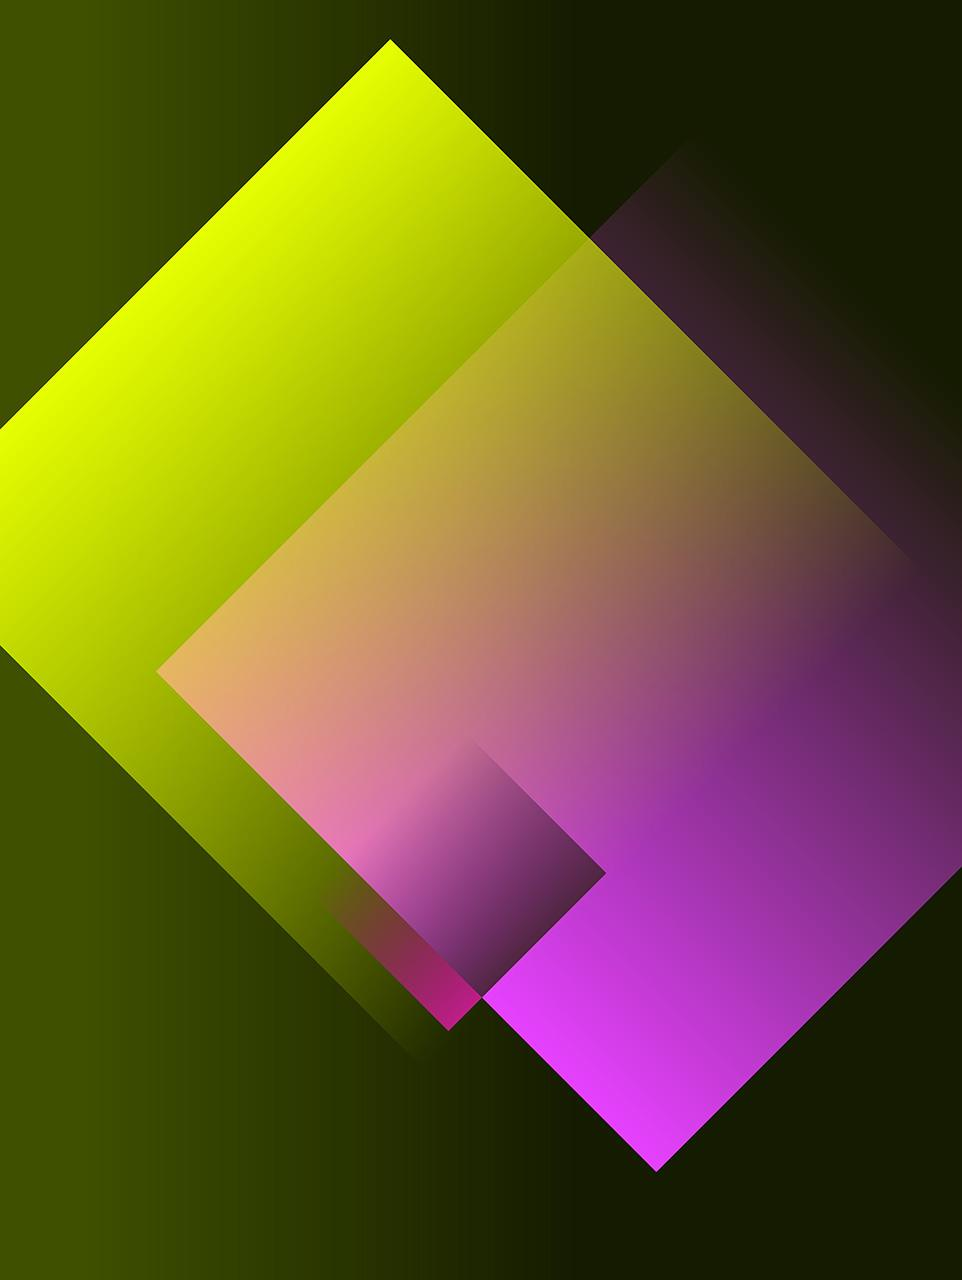 Dcode green vertical